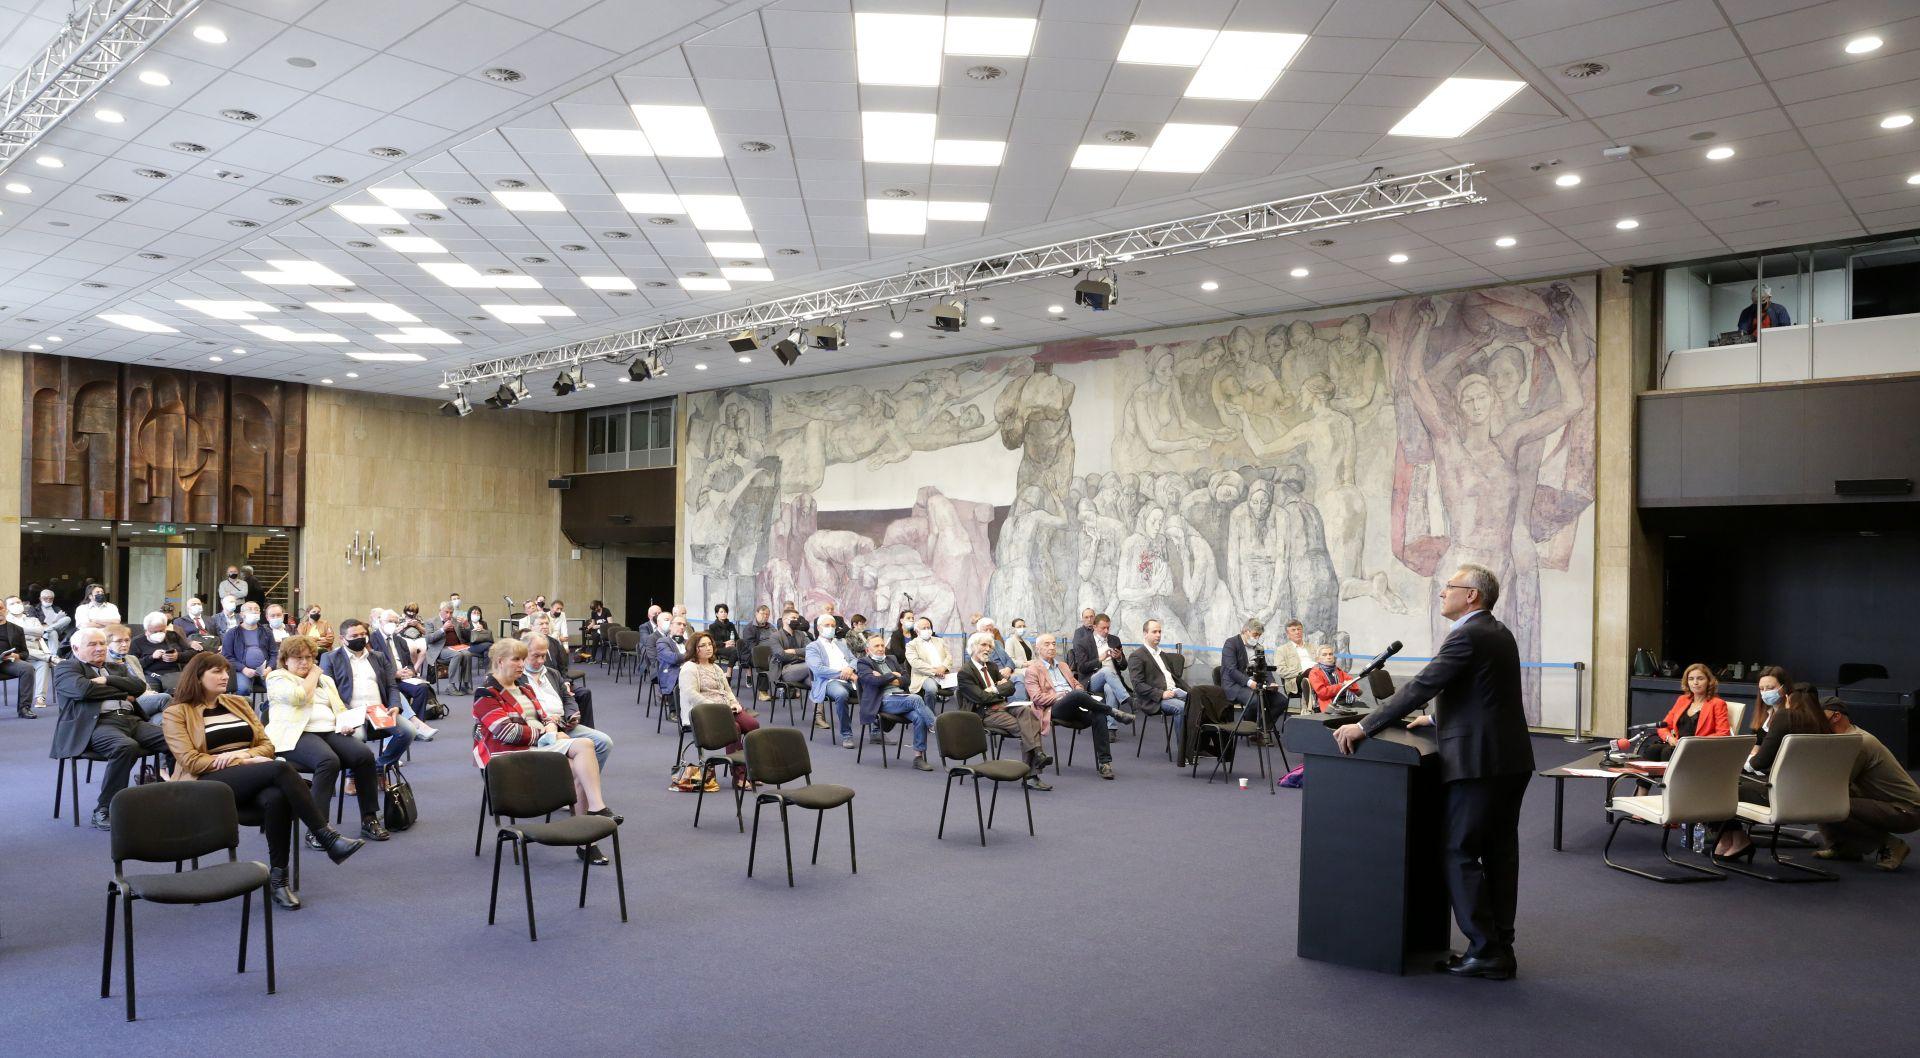 """Учредителна среща на обединение в БСП """"Социализъм 21 век"""" се състоя в зала 6 на НДКпност и последователност в политиката"""